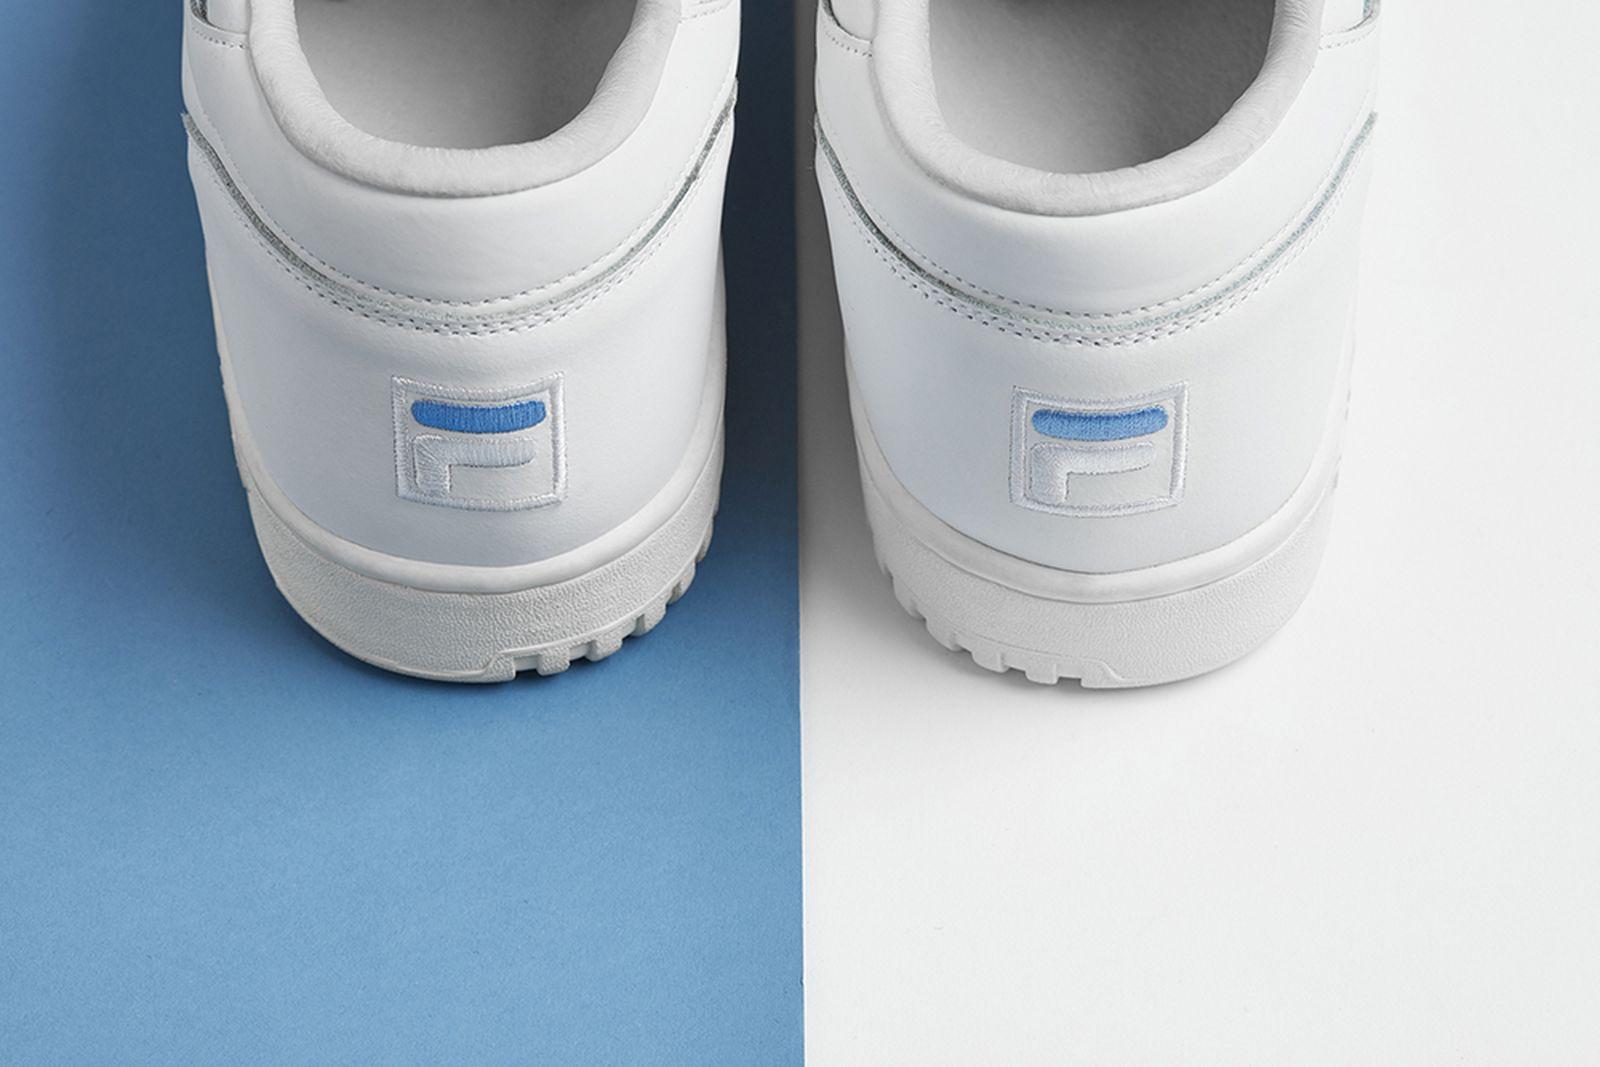 bleu-mode-fila-original-fitness-zipper-release-date-price-09